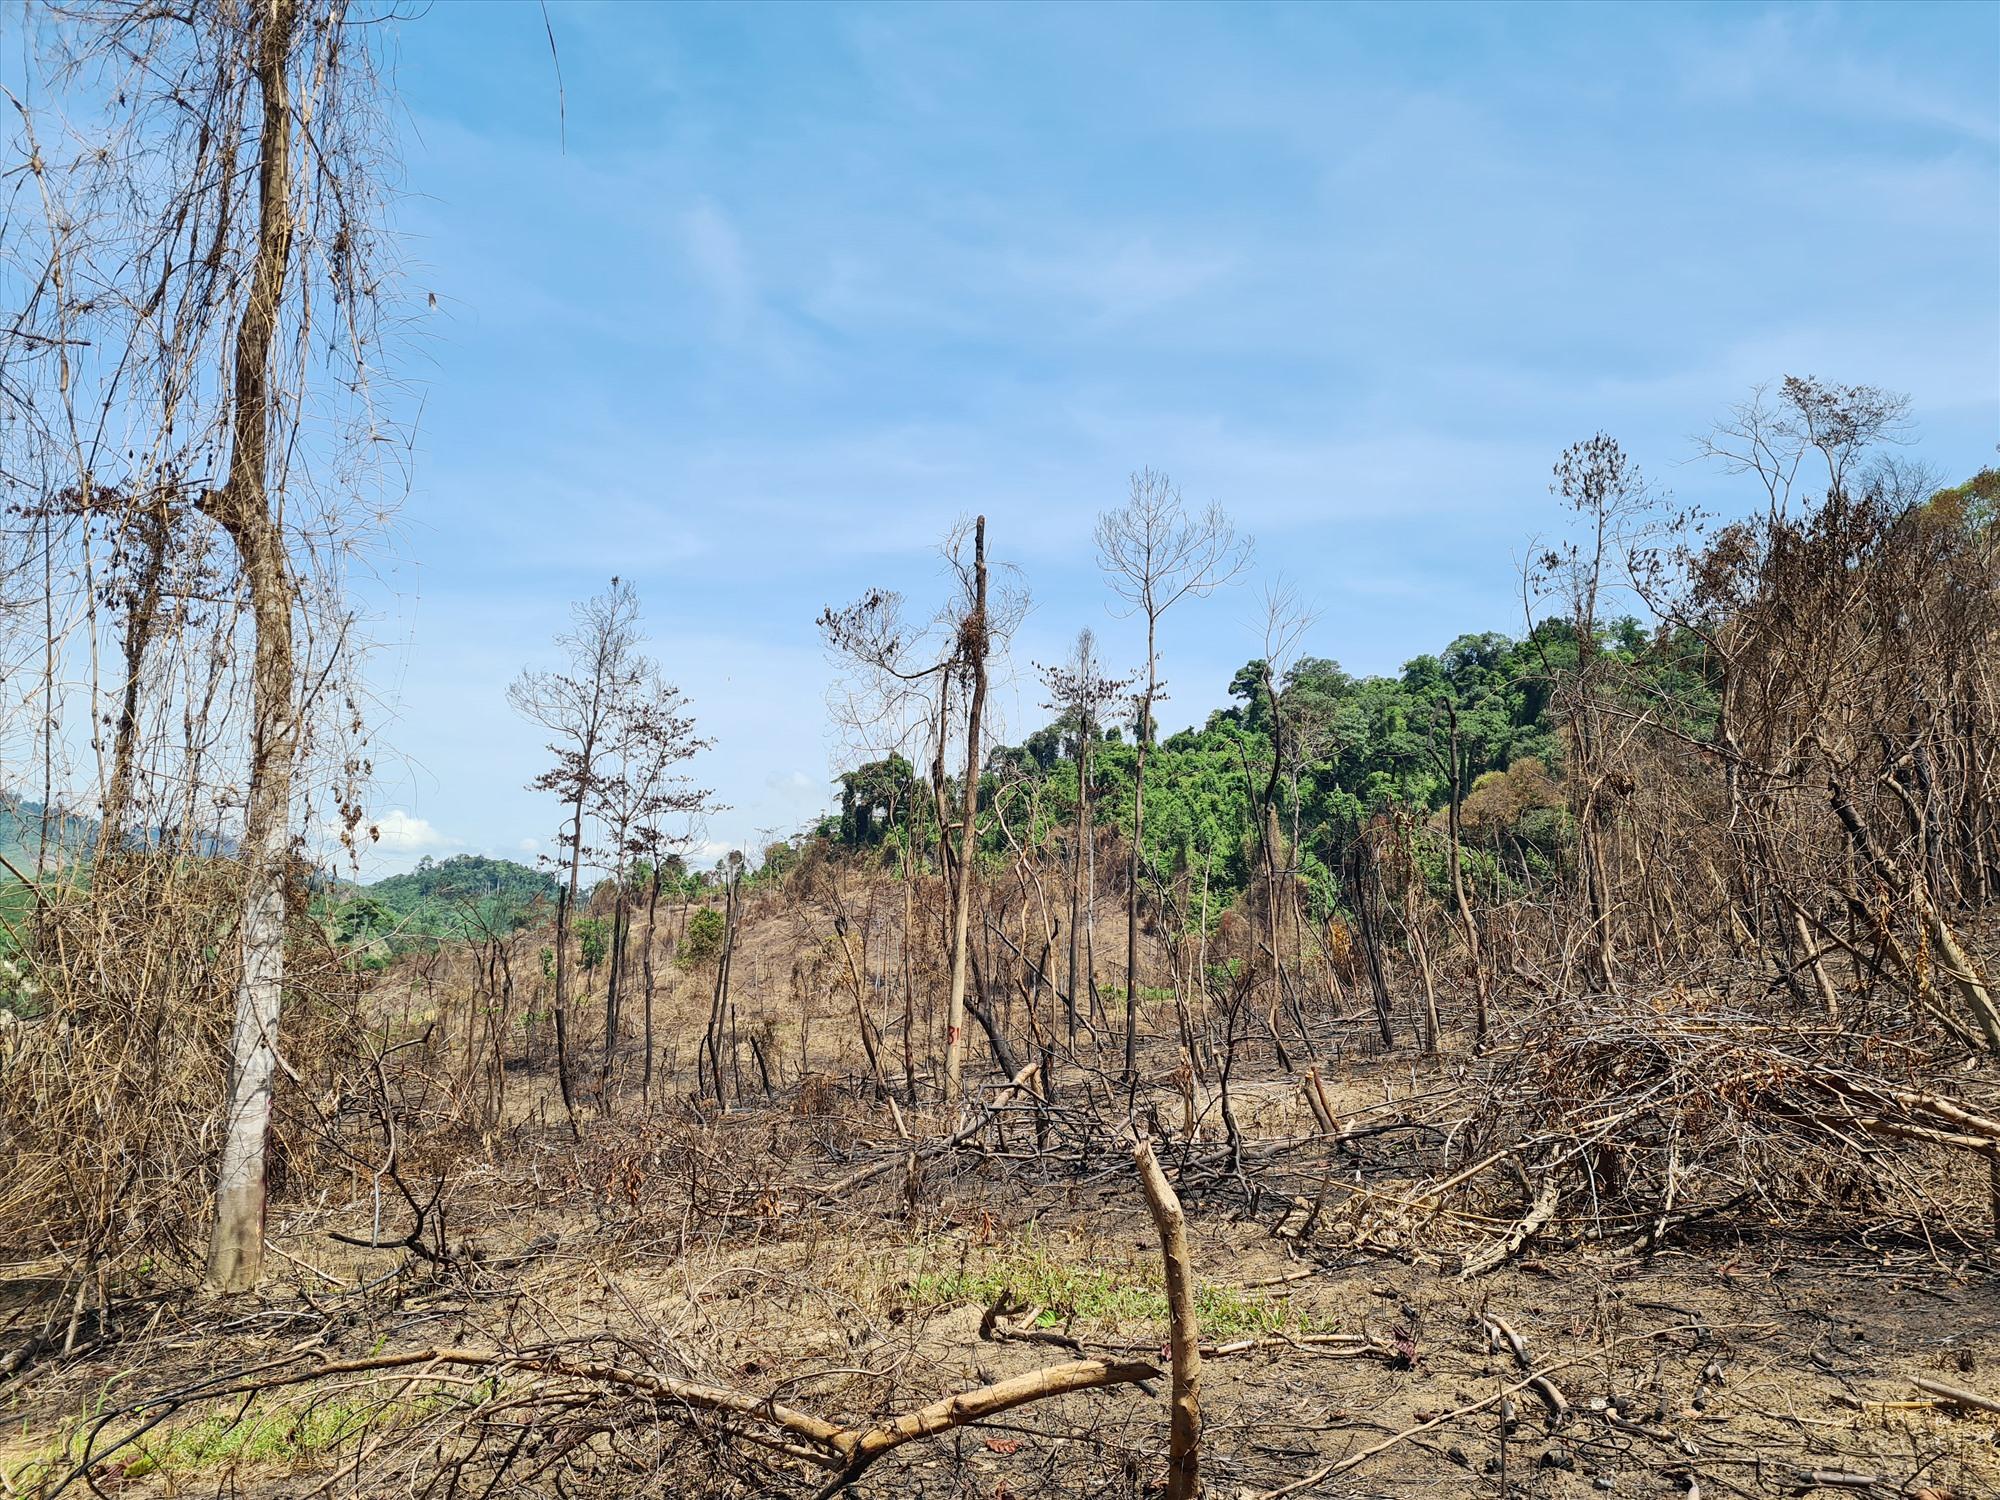 Hiện trường vụ đốt thực bì dẫn đến thiêu rụi tài nguyên rừng tại Tiểu khu 689 xã Phước Kim (Phước Sơn). Ảnh: H.P